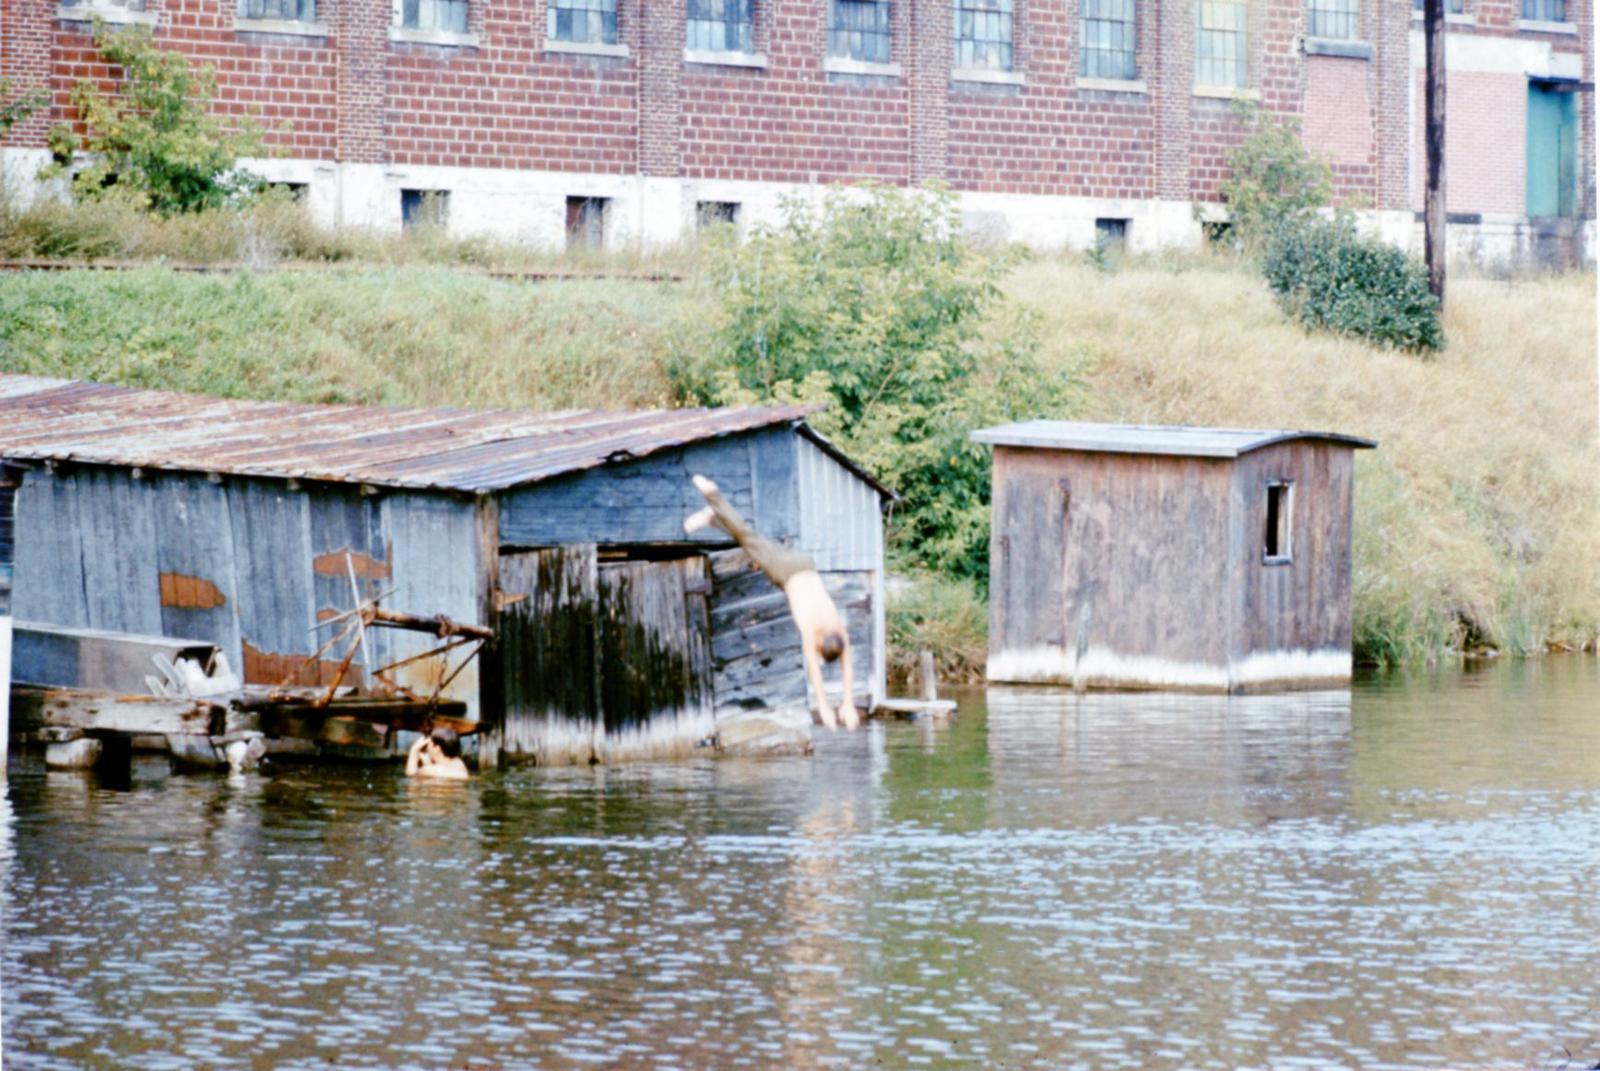 Scugog River, Lindsay